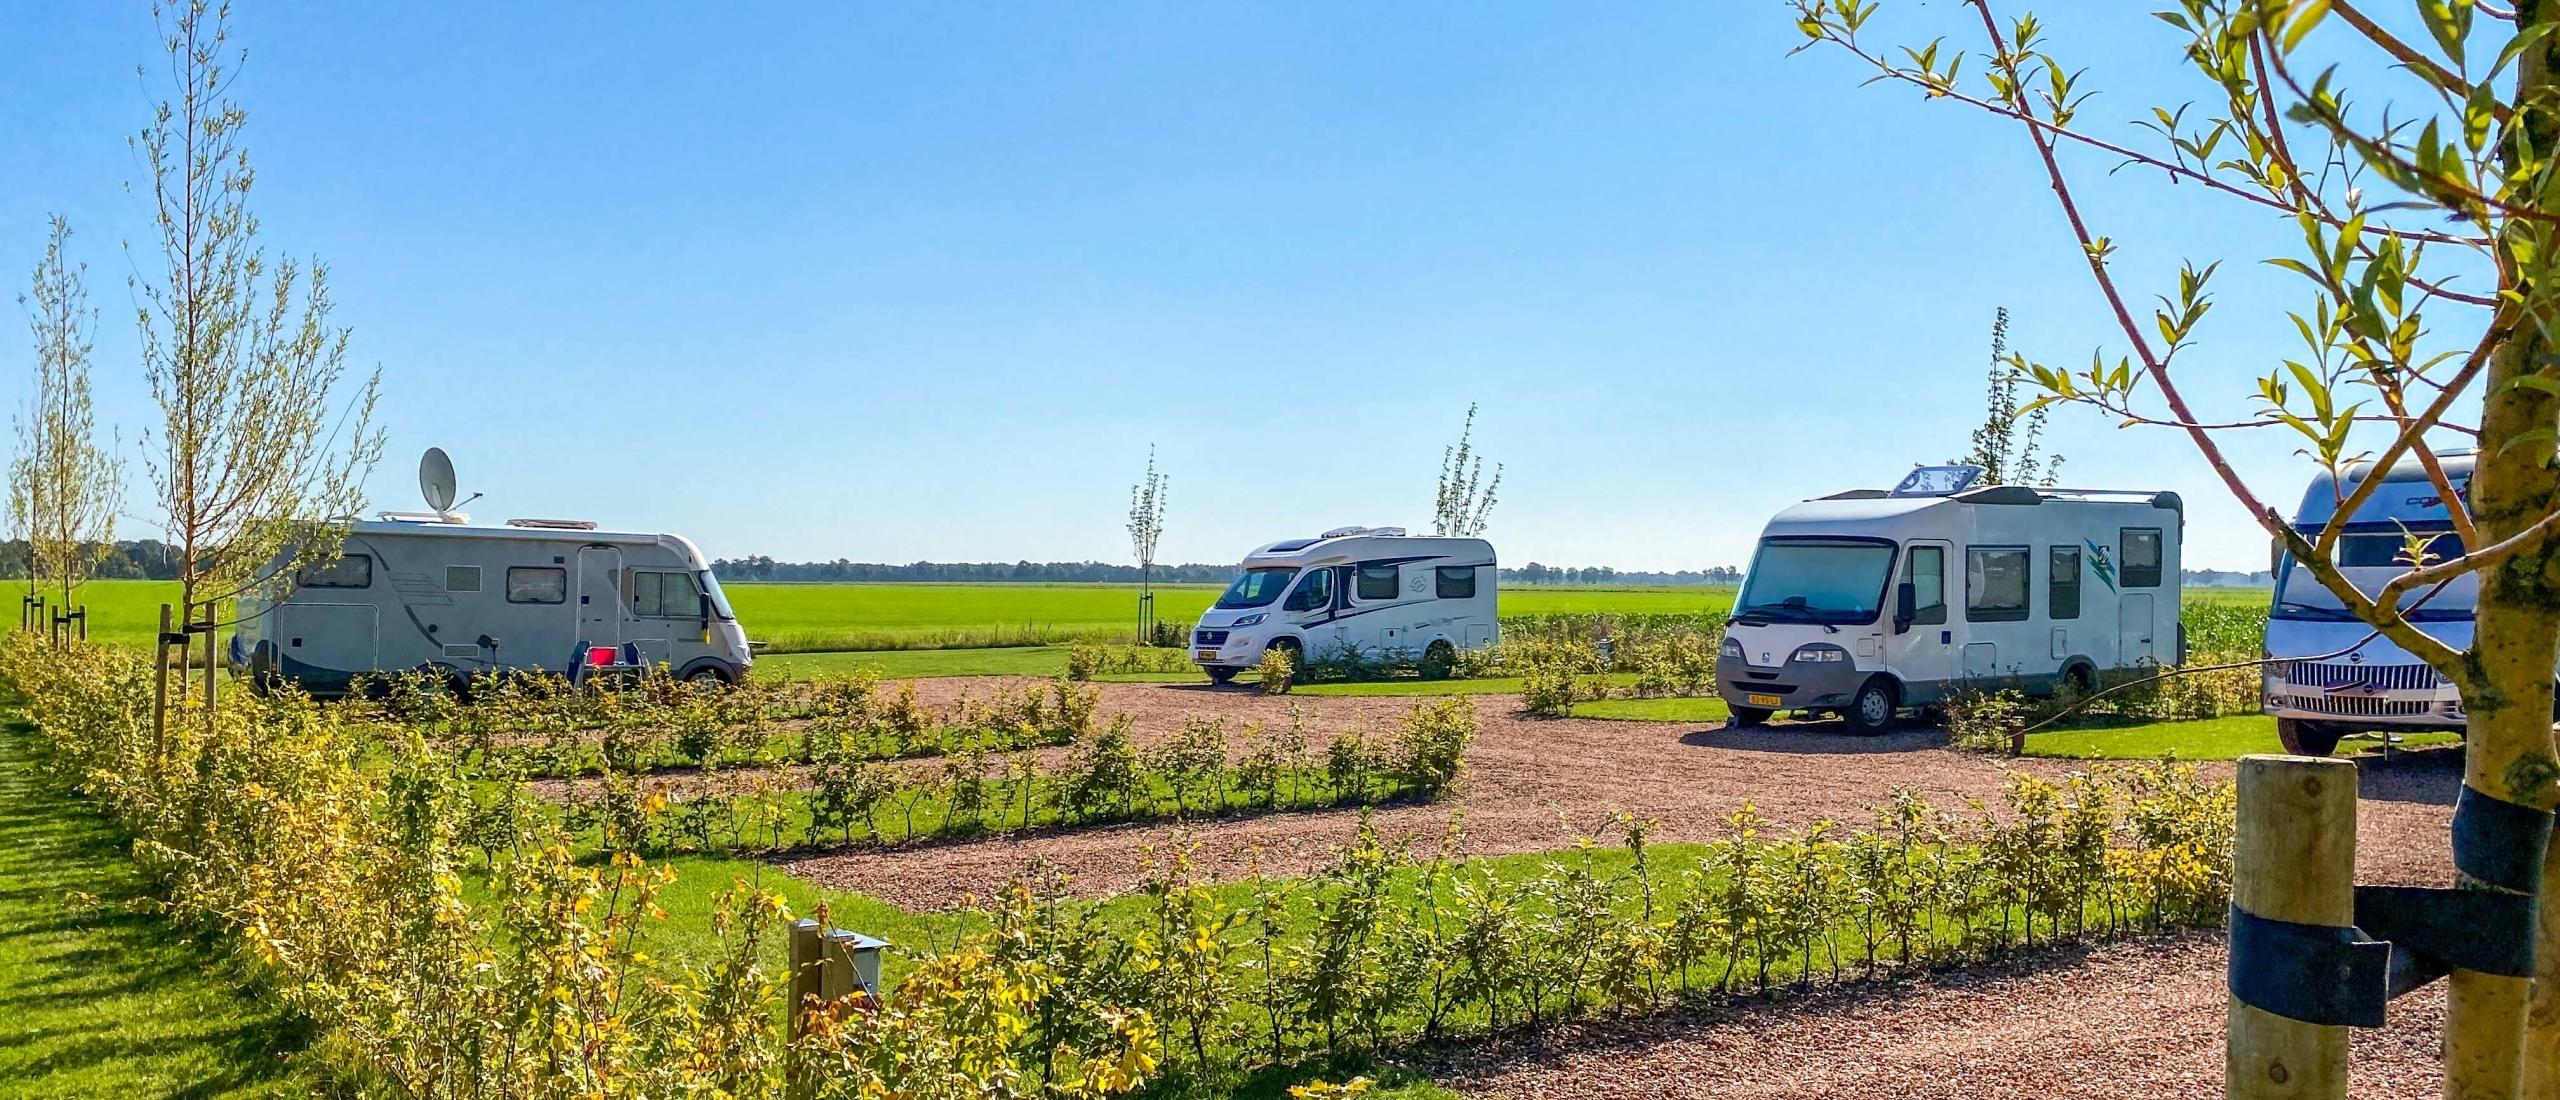 Rust en ruimte op Camperplaats Orvelterblok